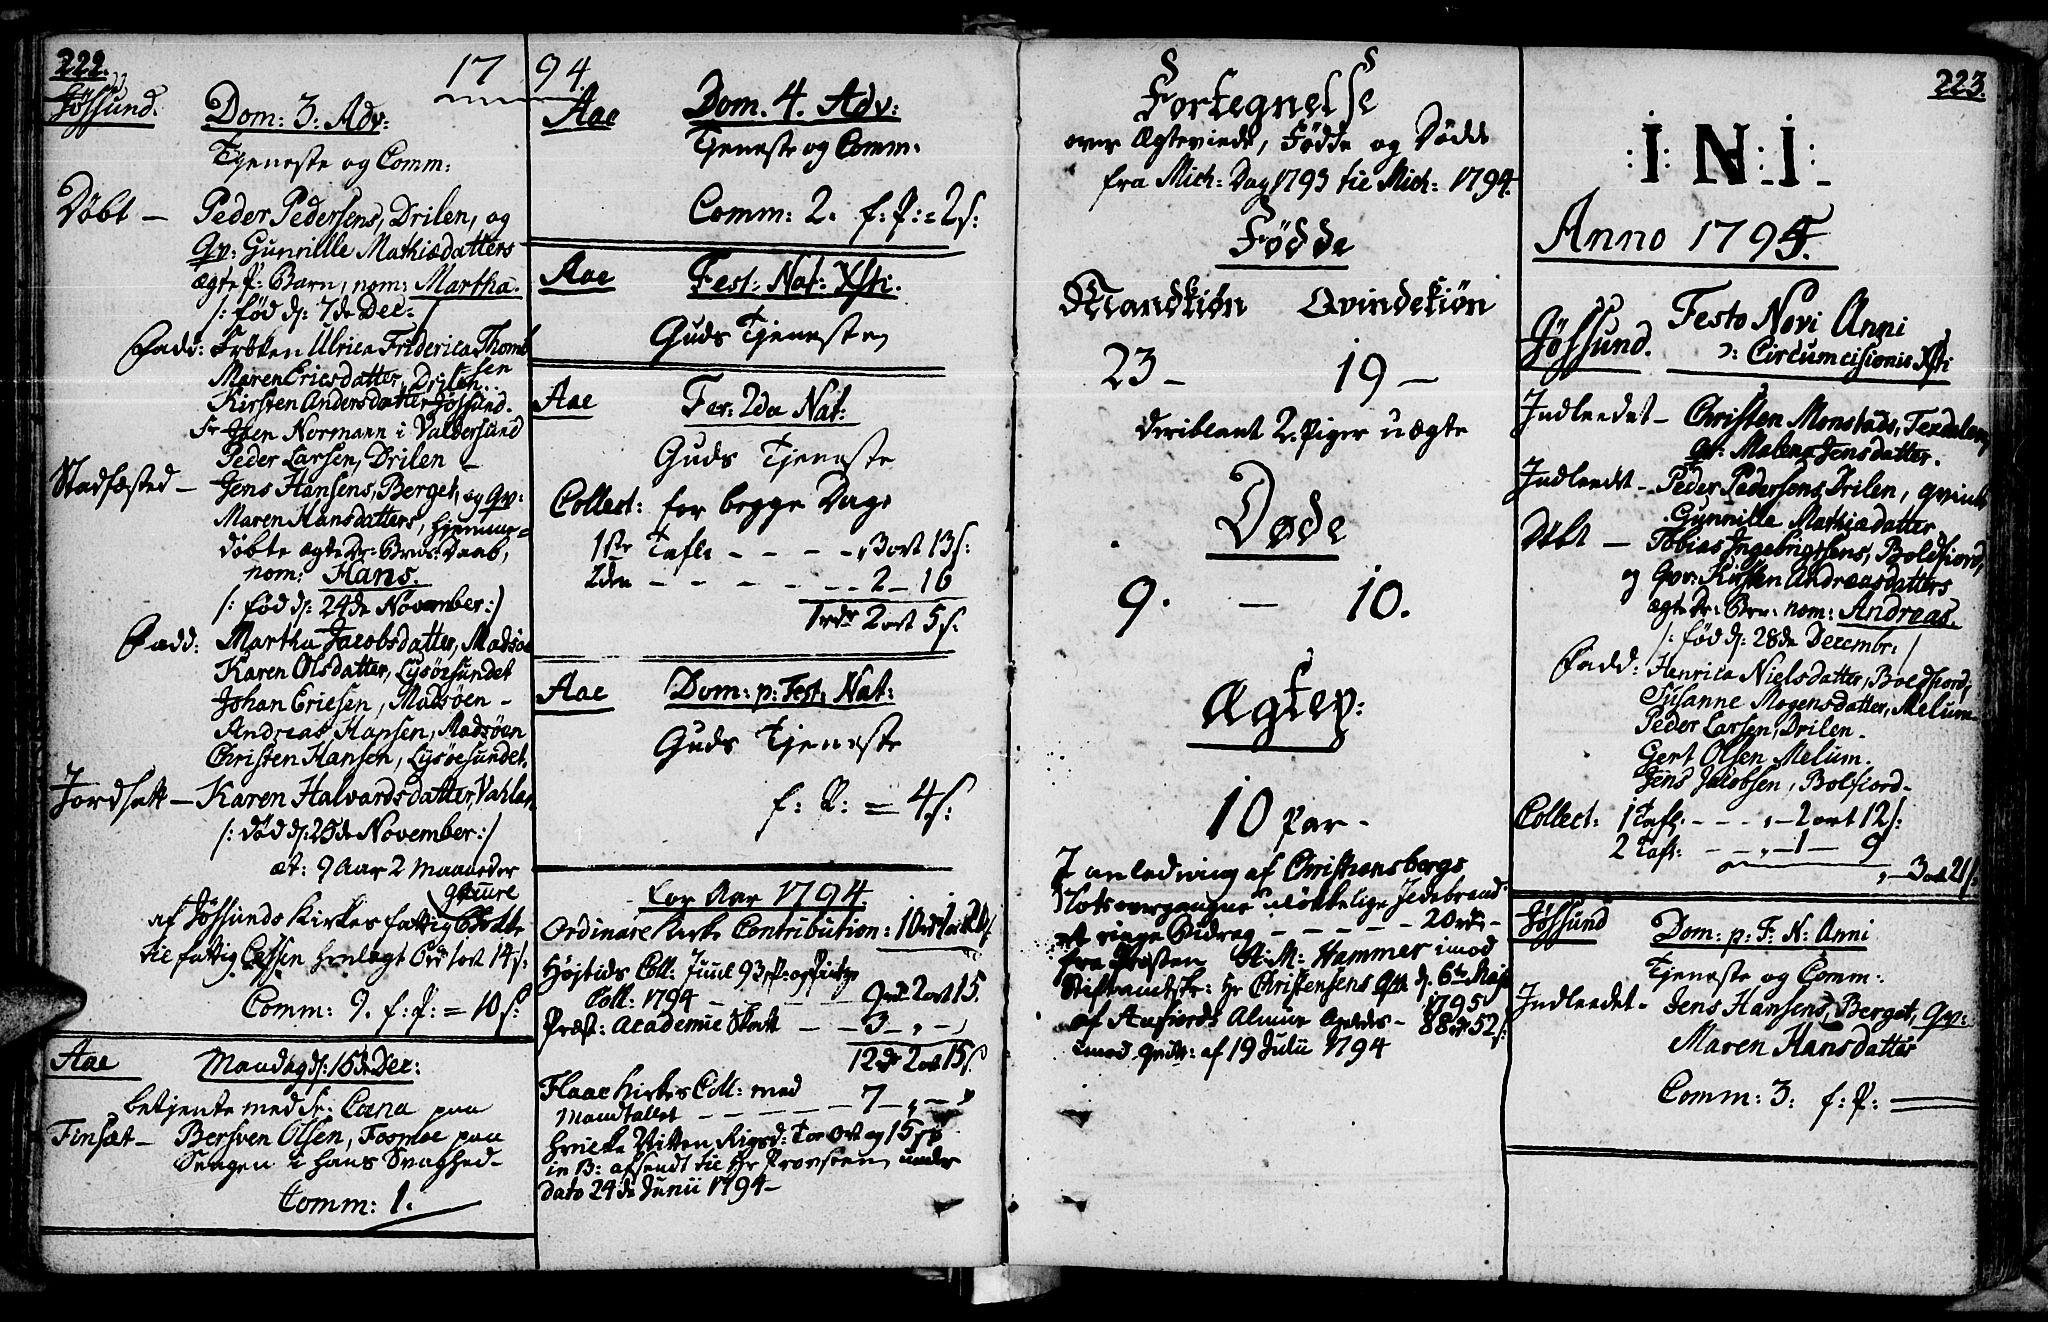 SAT, Ministerialprotokoller, klokkerbøker og fødselsregistre - Sør-Trøndelag, 655/L0673: Ministerialbok nr. 655A02, 1780-1801, s. 222-223